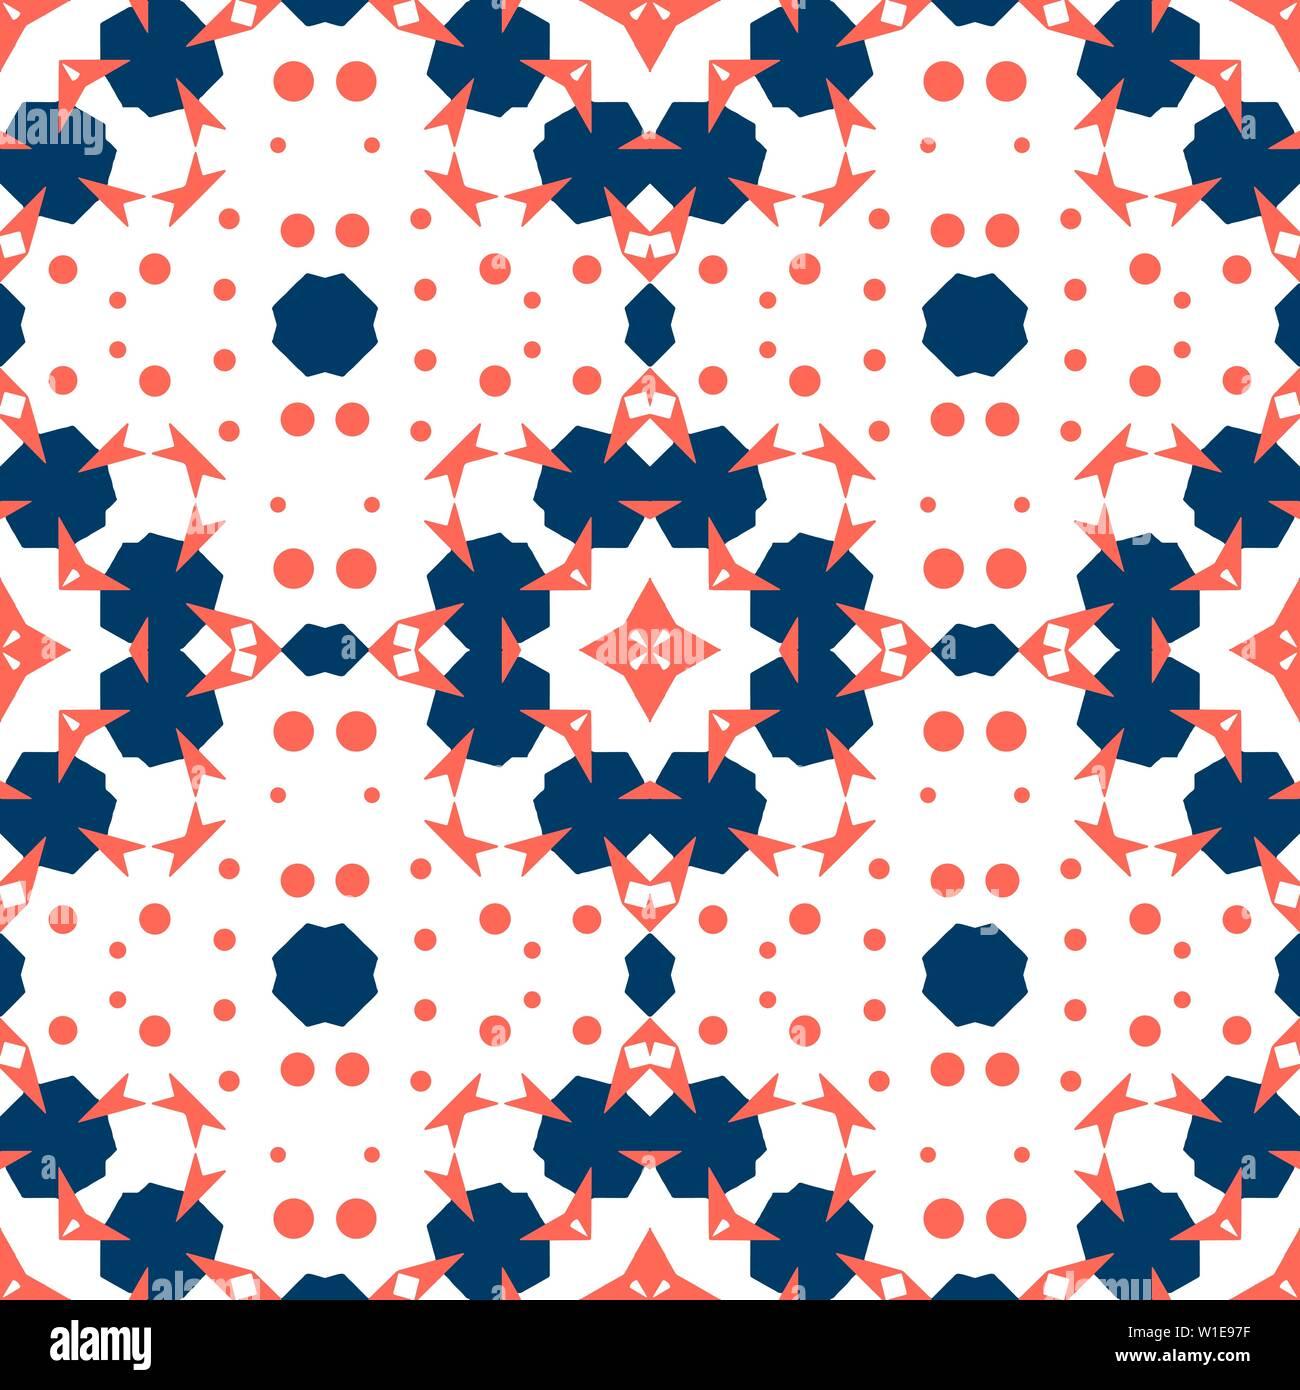 Nahtlose Kacheln. Ornament in Rot (Coral) und blauen Farben ...